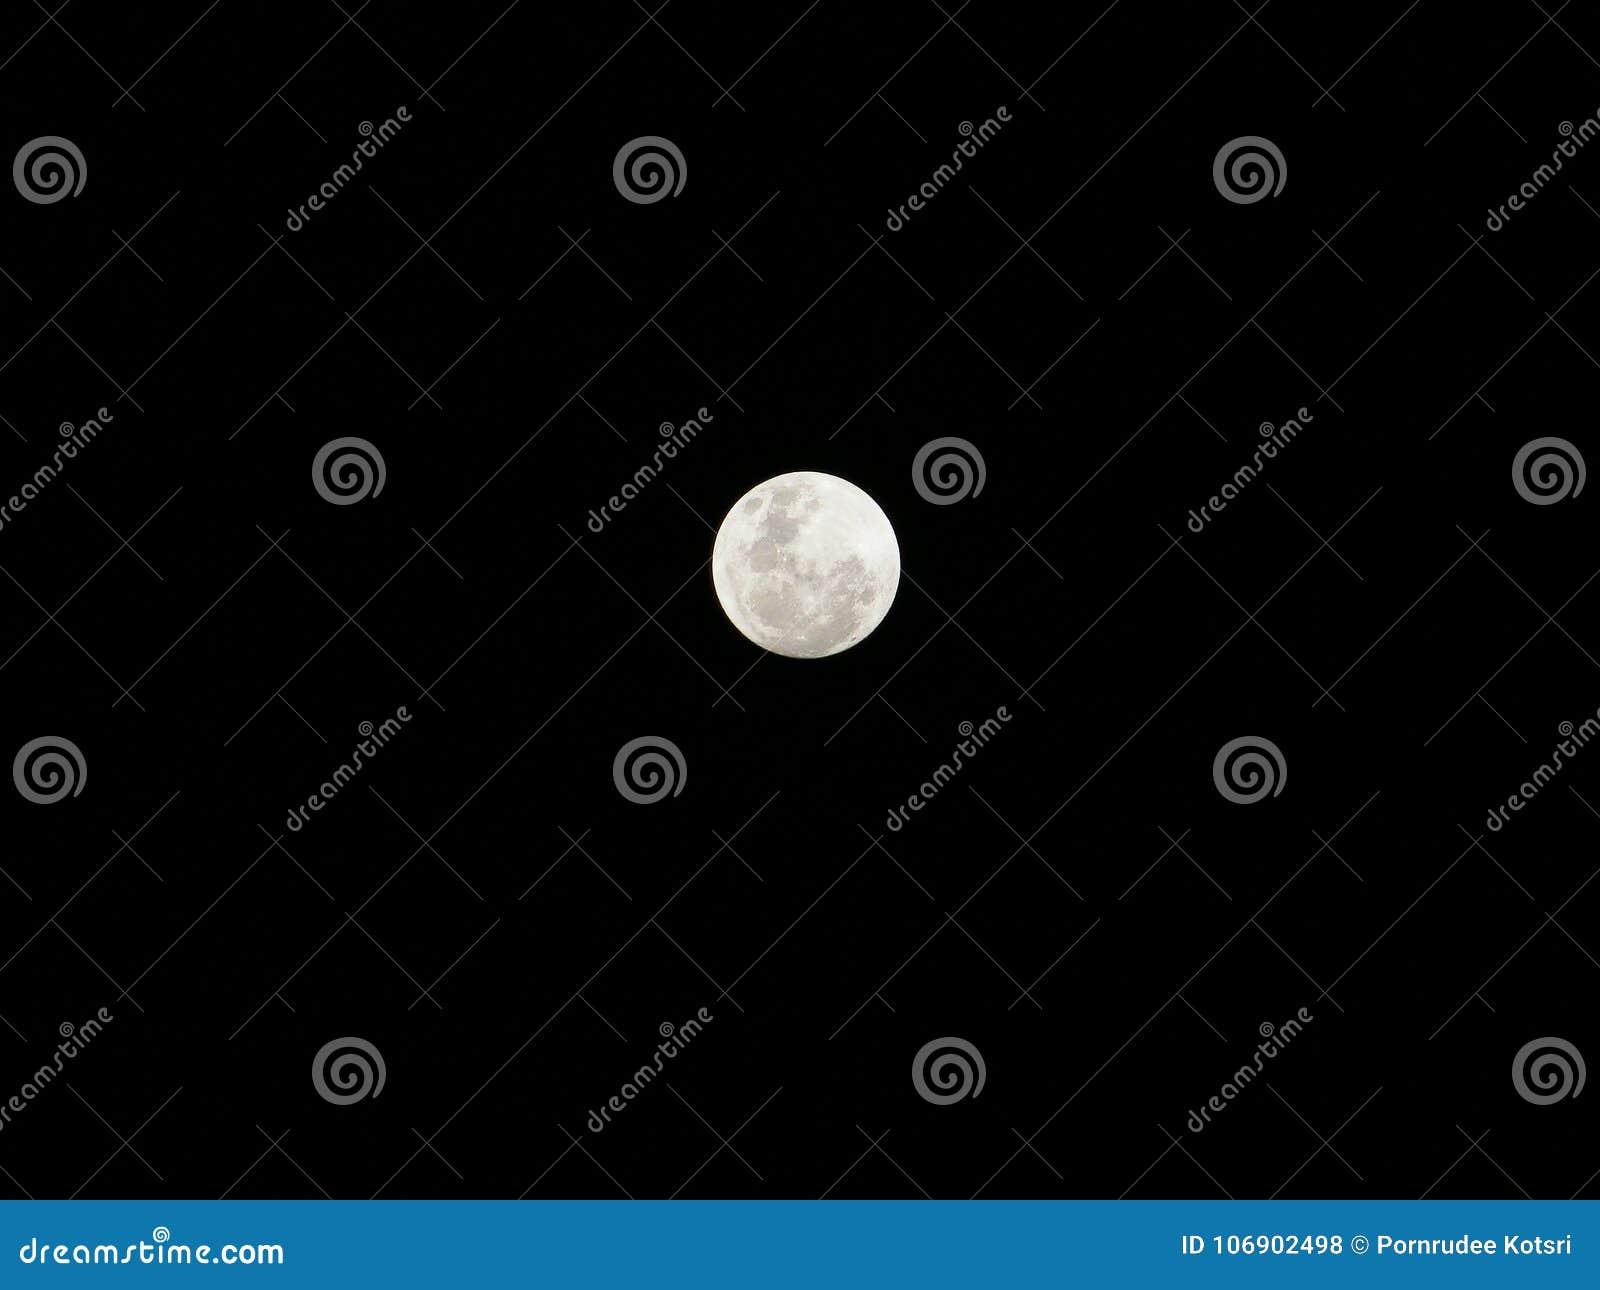 Księżyc w Styczniu 1, 2018 przy 10 pm